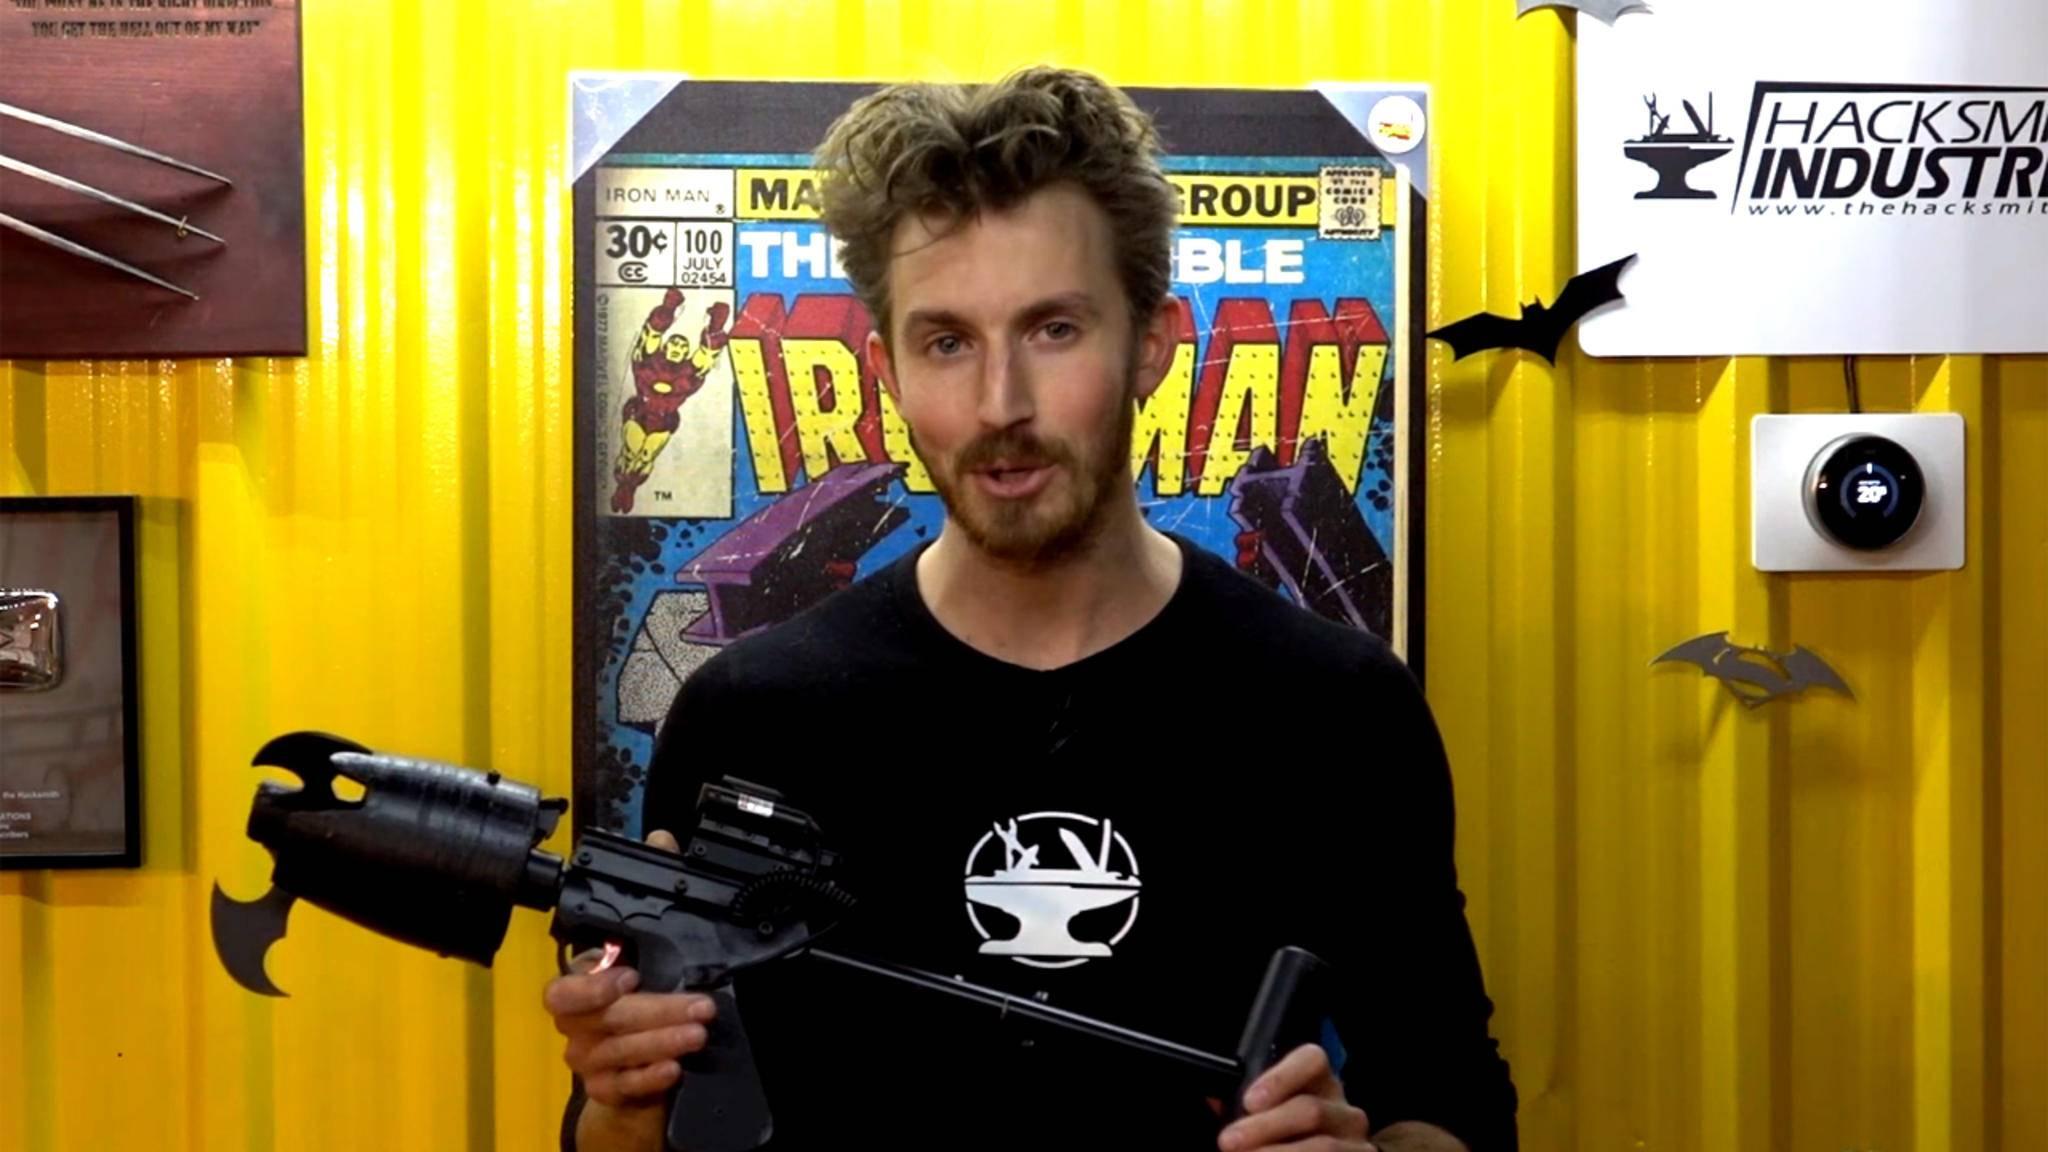 The Hacksmith baut Gadgets von Superhelden wie Batman funktional nach.